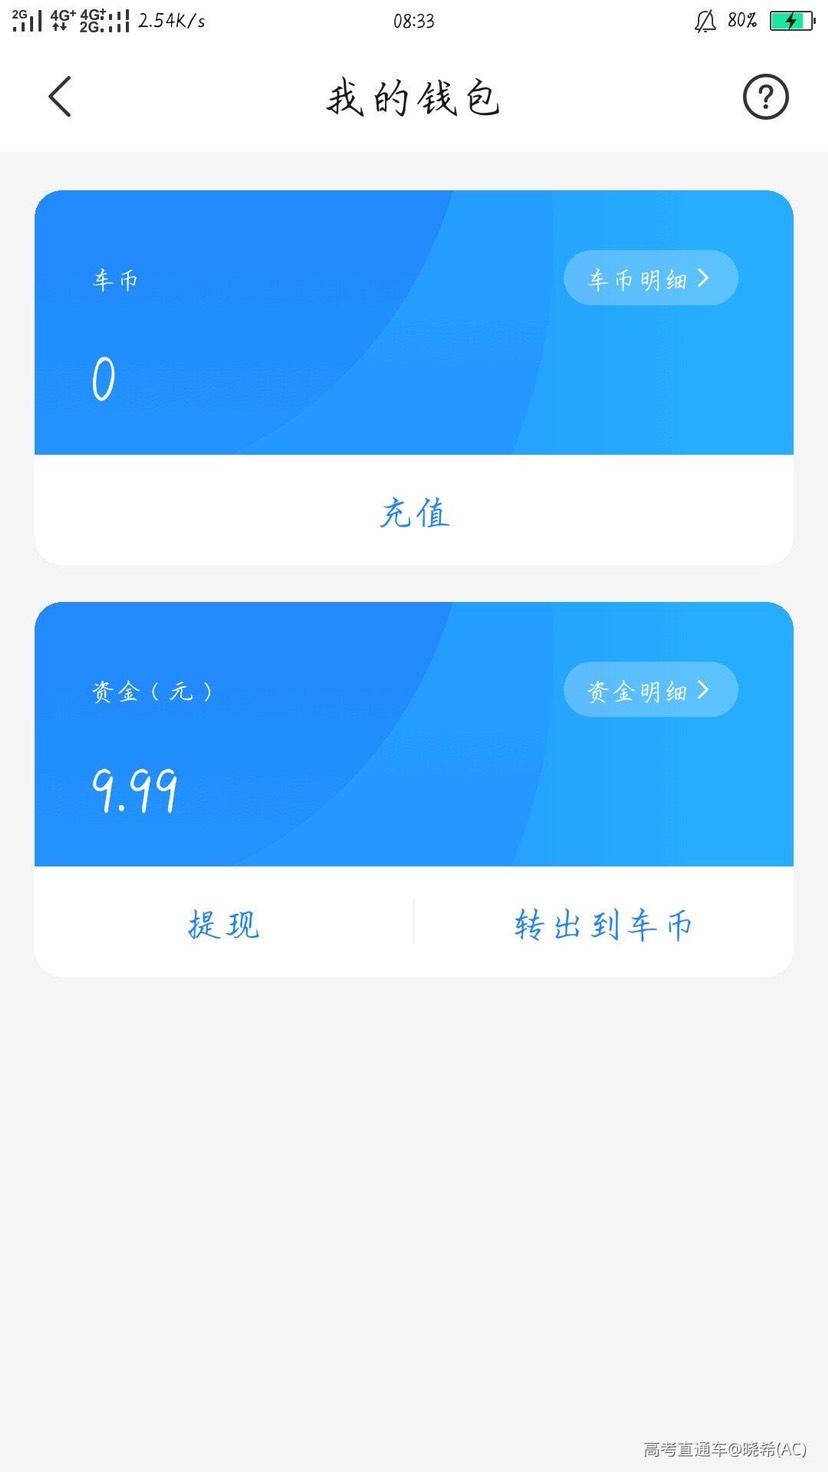 大水【微信红包】6.78元插图6